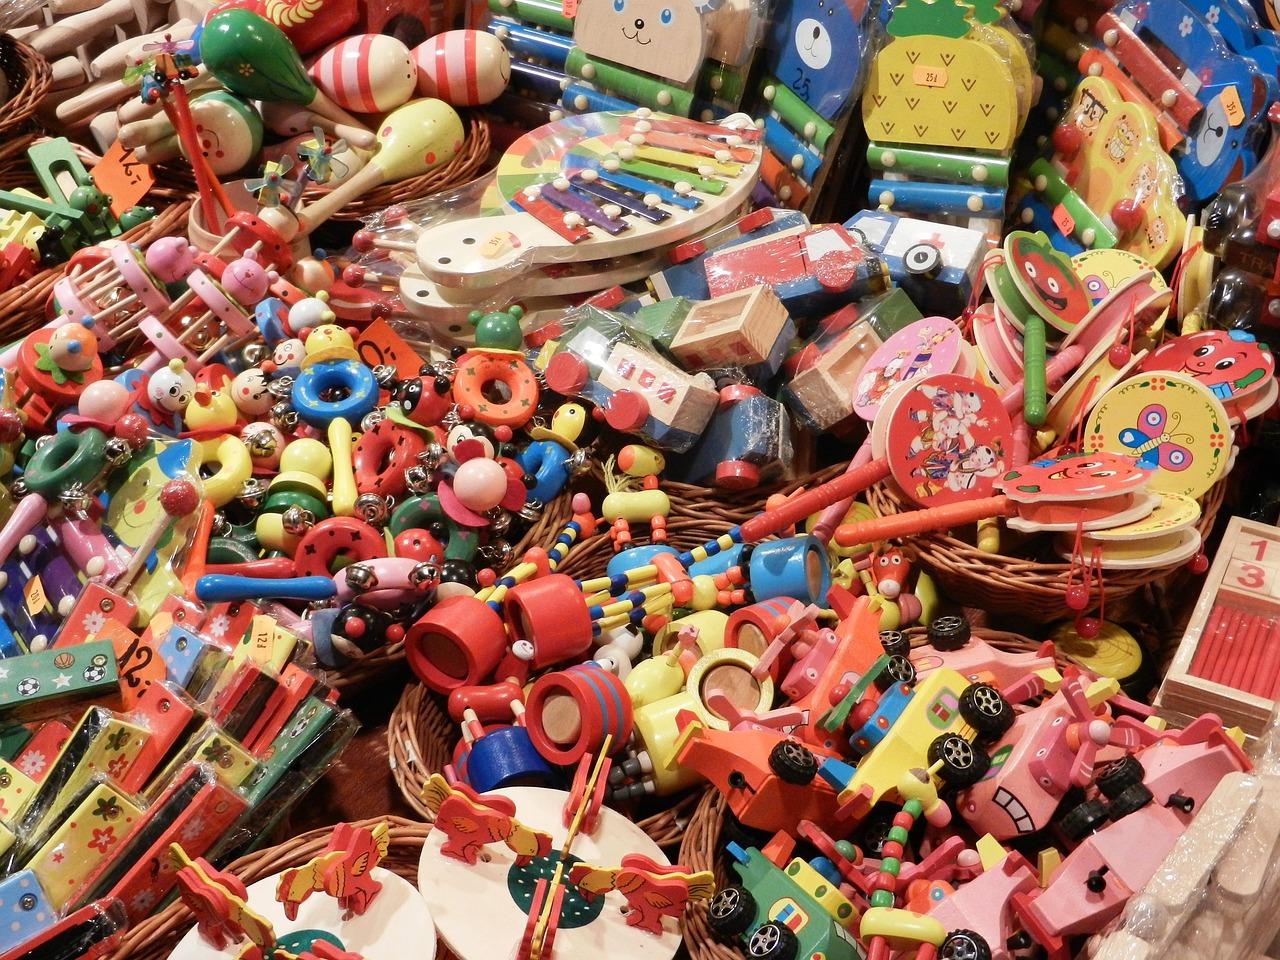 много игрушек картинка возможно только тогда